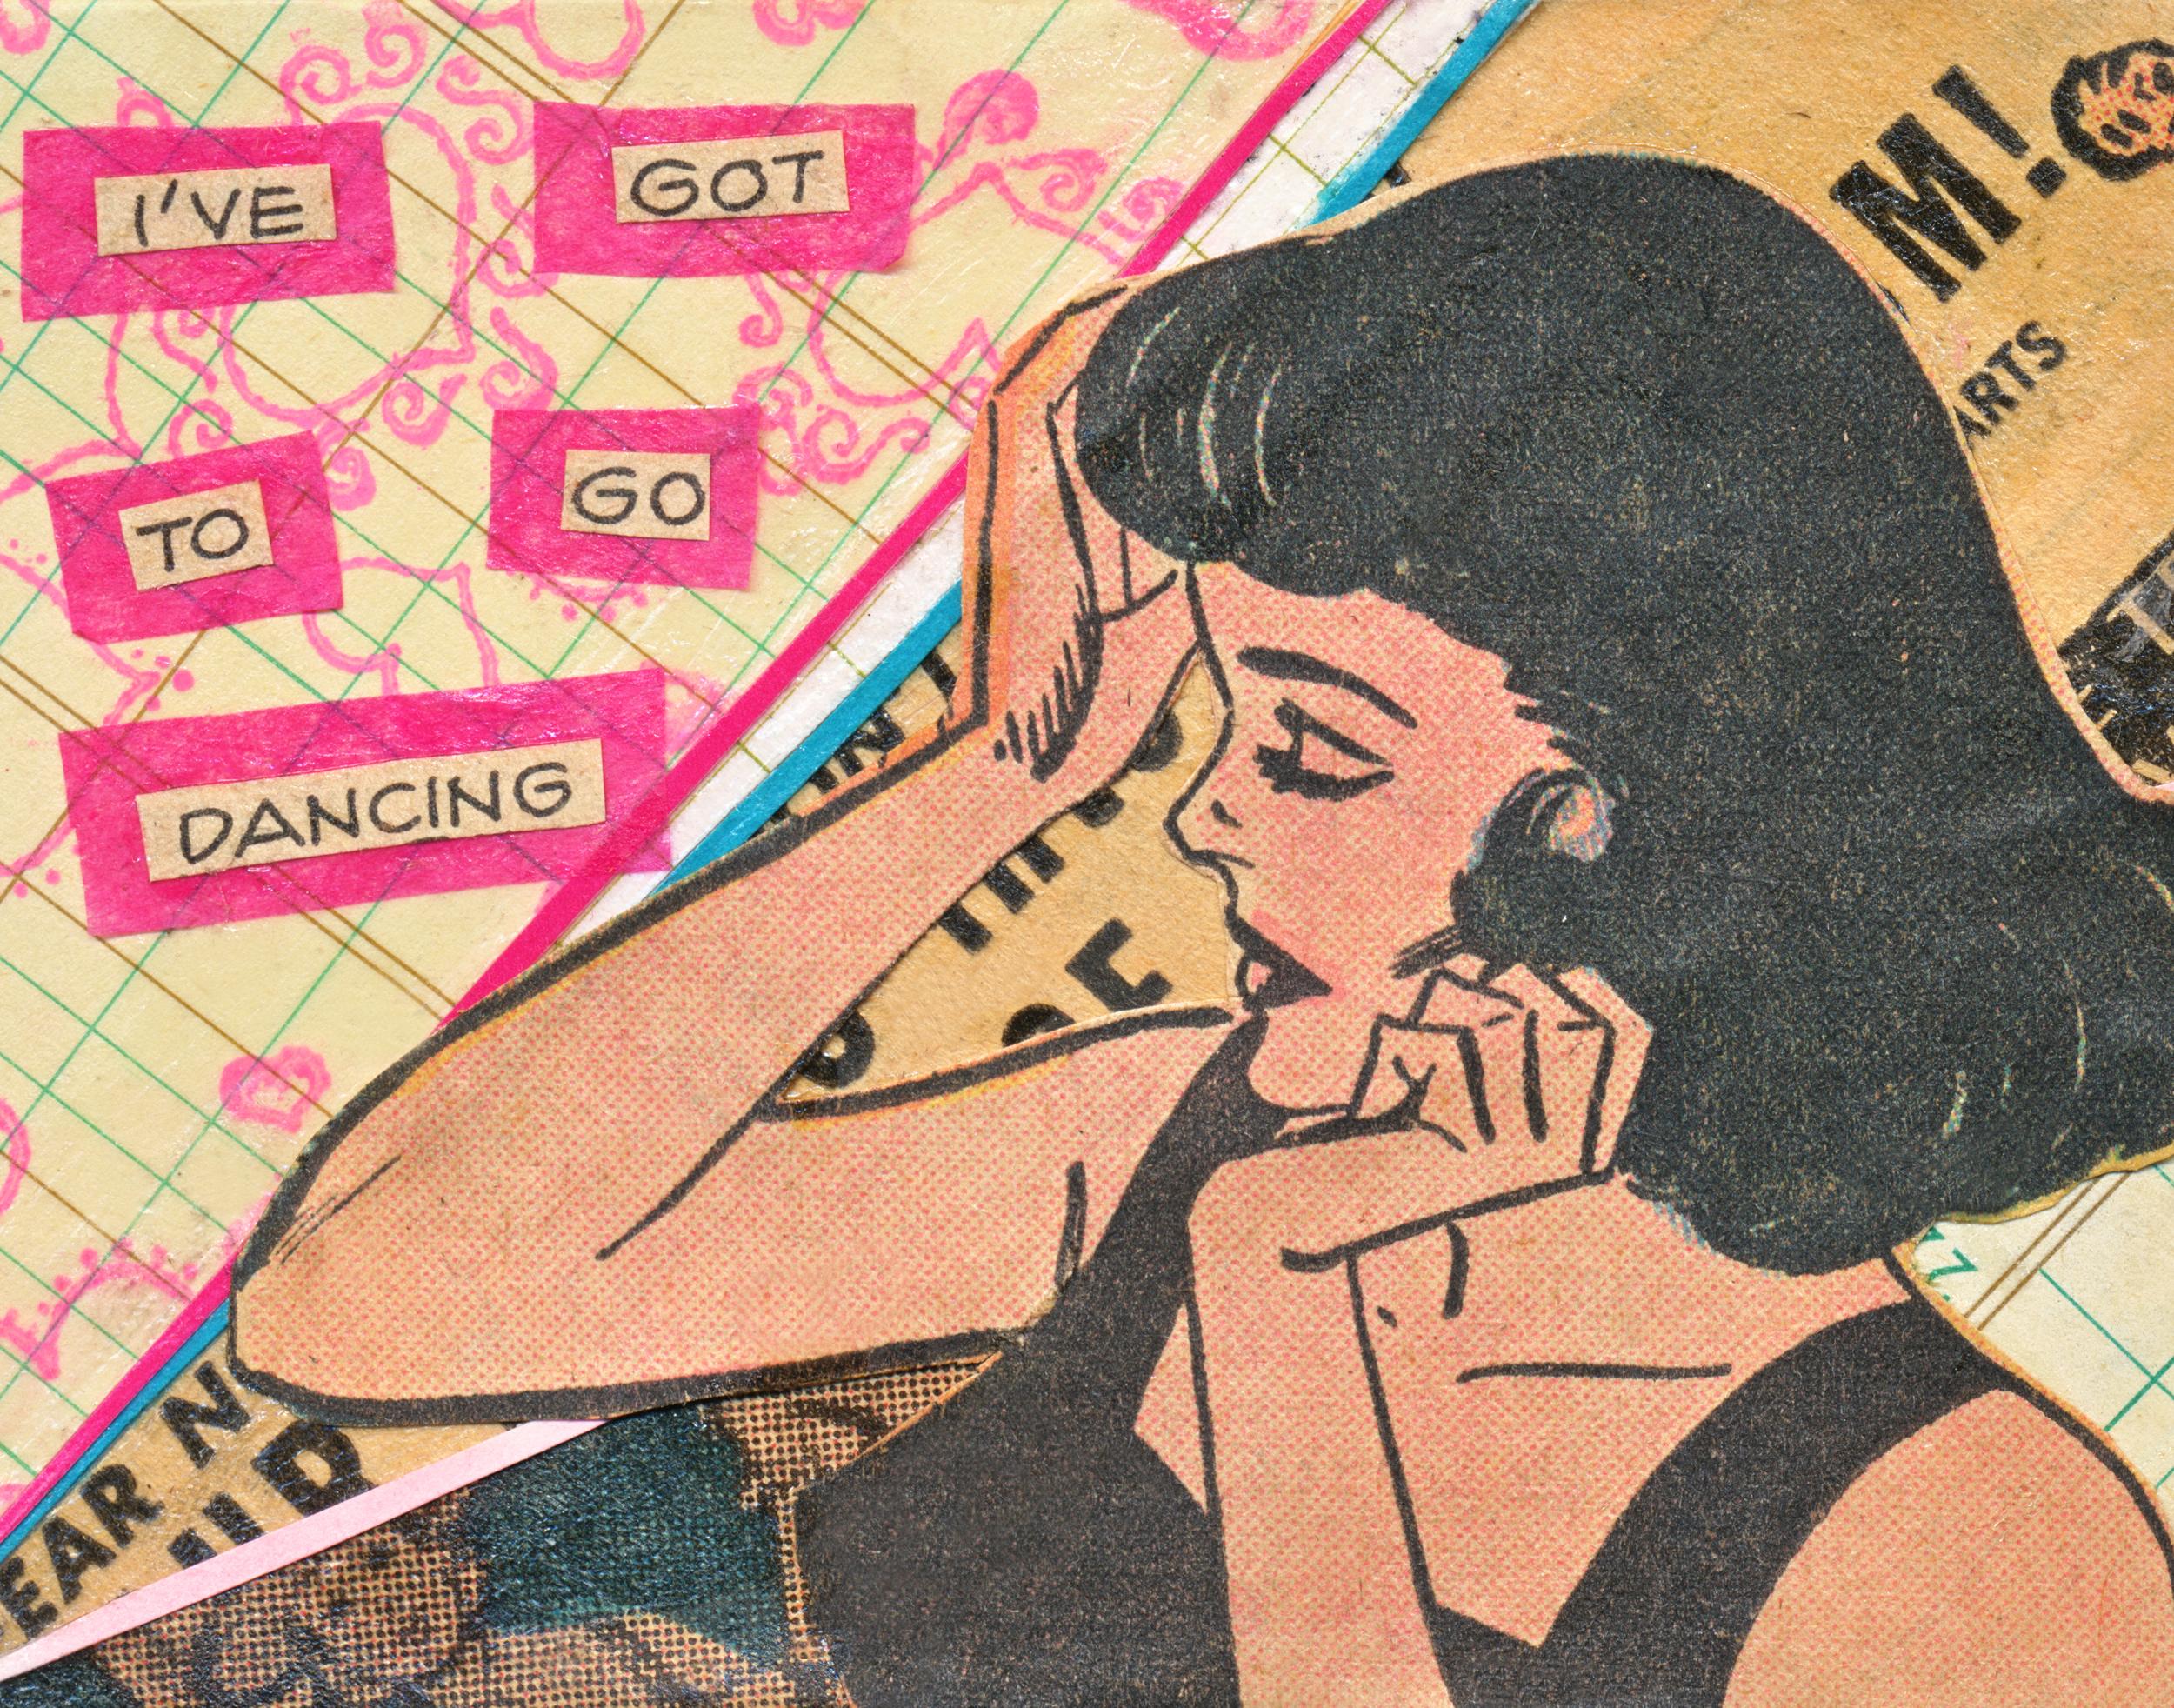 Ladies-2016-J-Art-Dancing-JPG-cropped-11x14-touchedup.jpg